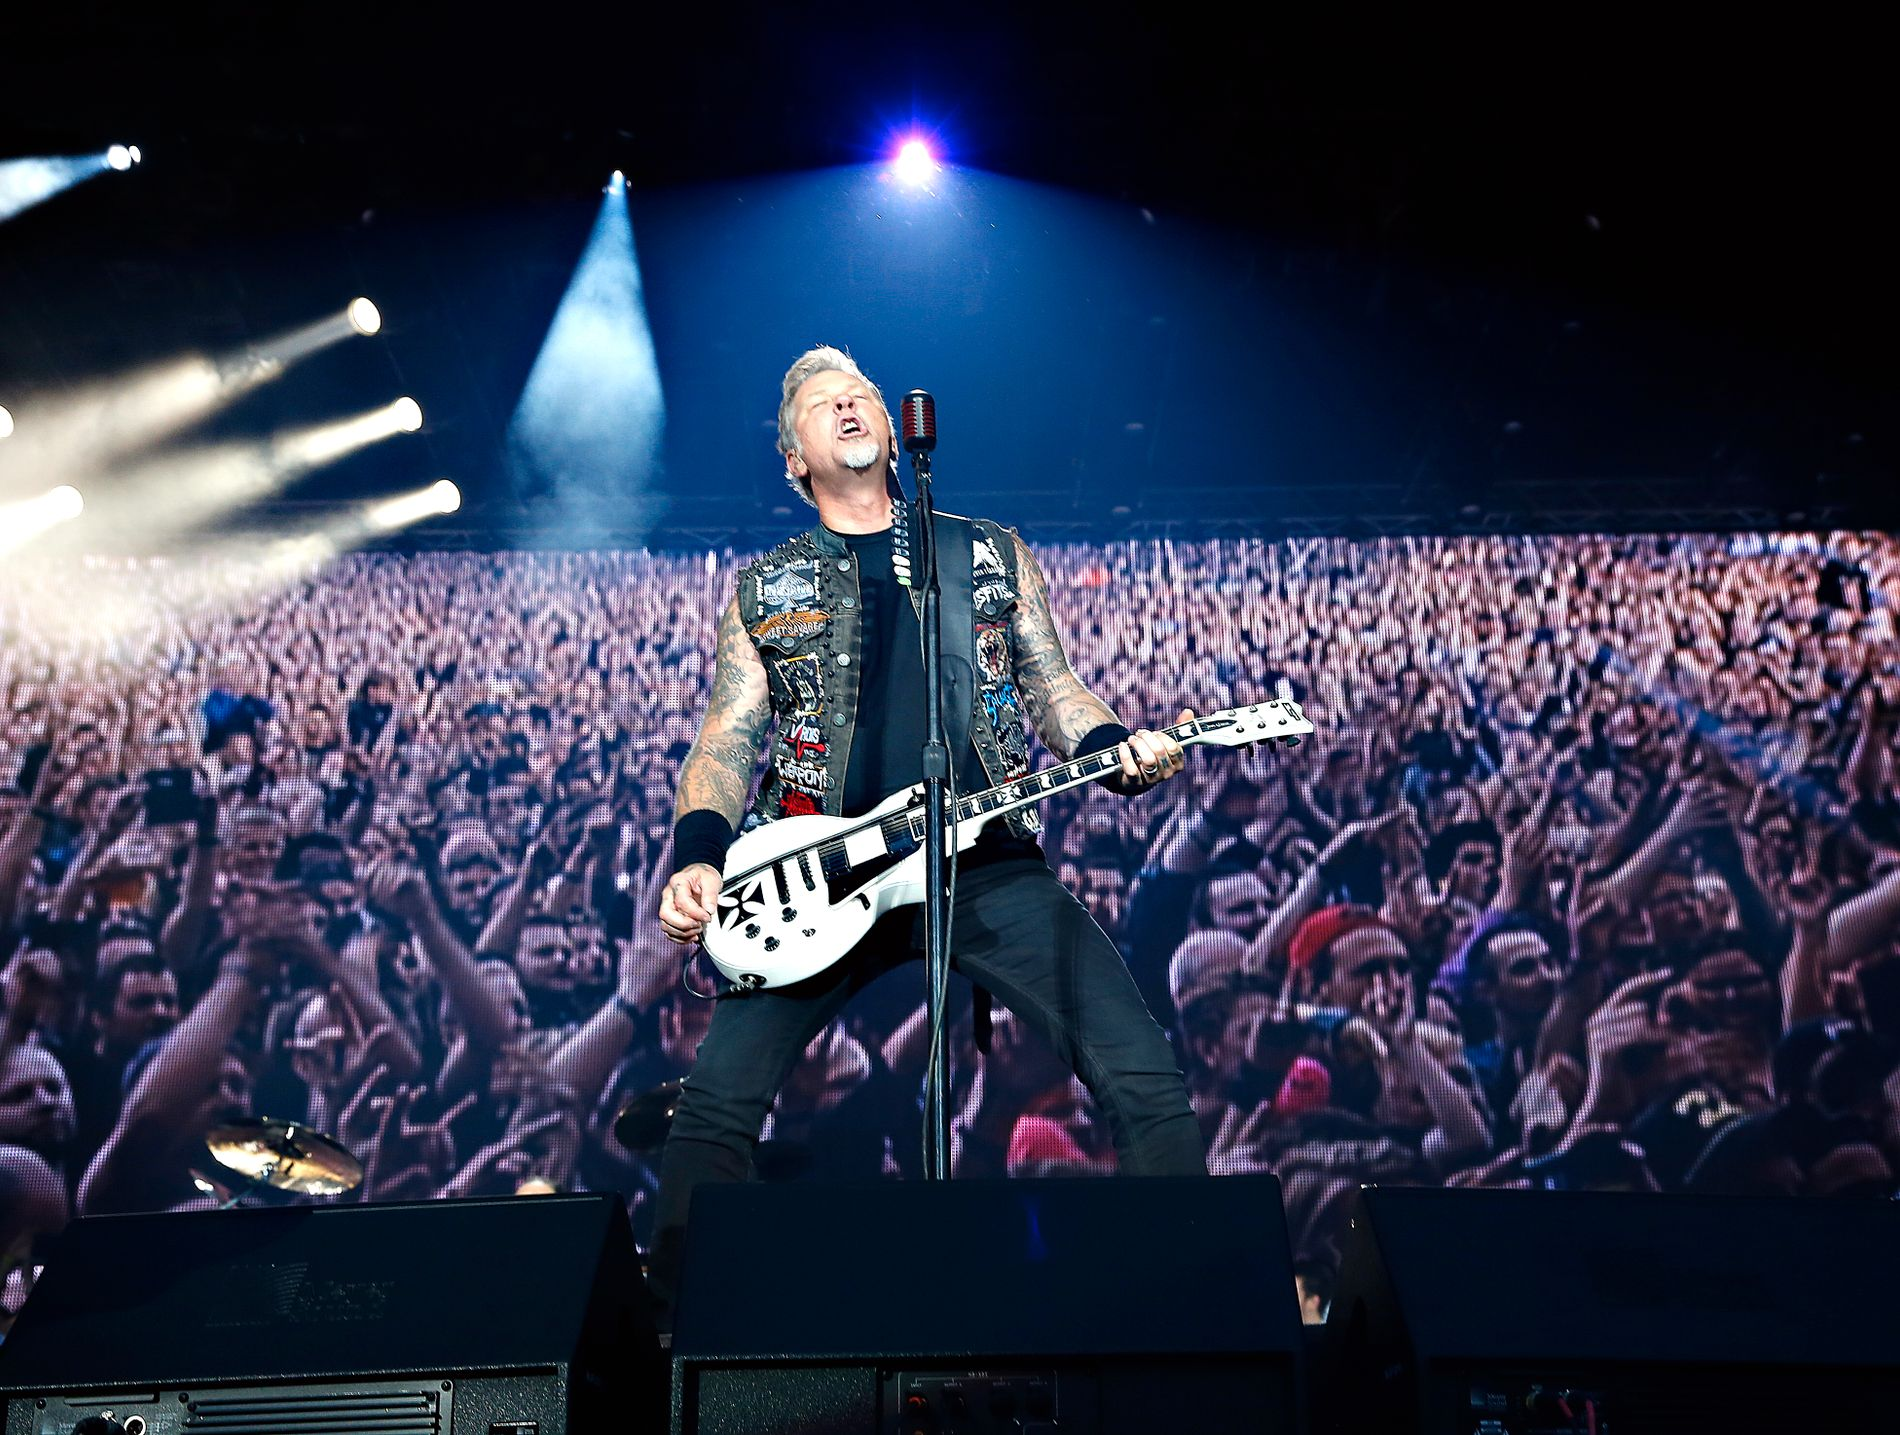 KOMMER TILBAKE: James Hetfield tar med seg resten av Metallica - og Kvelertak - til Telenor Arena neste mai. Her er Hetfield avbildet i Bergen i 2015.